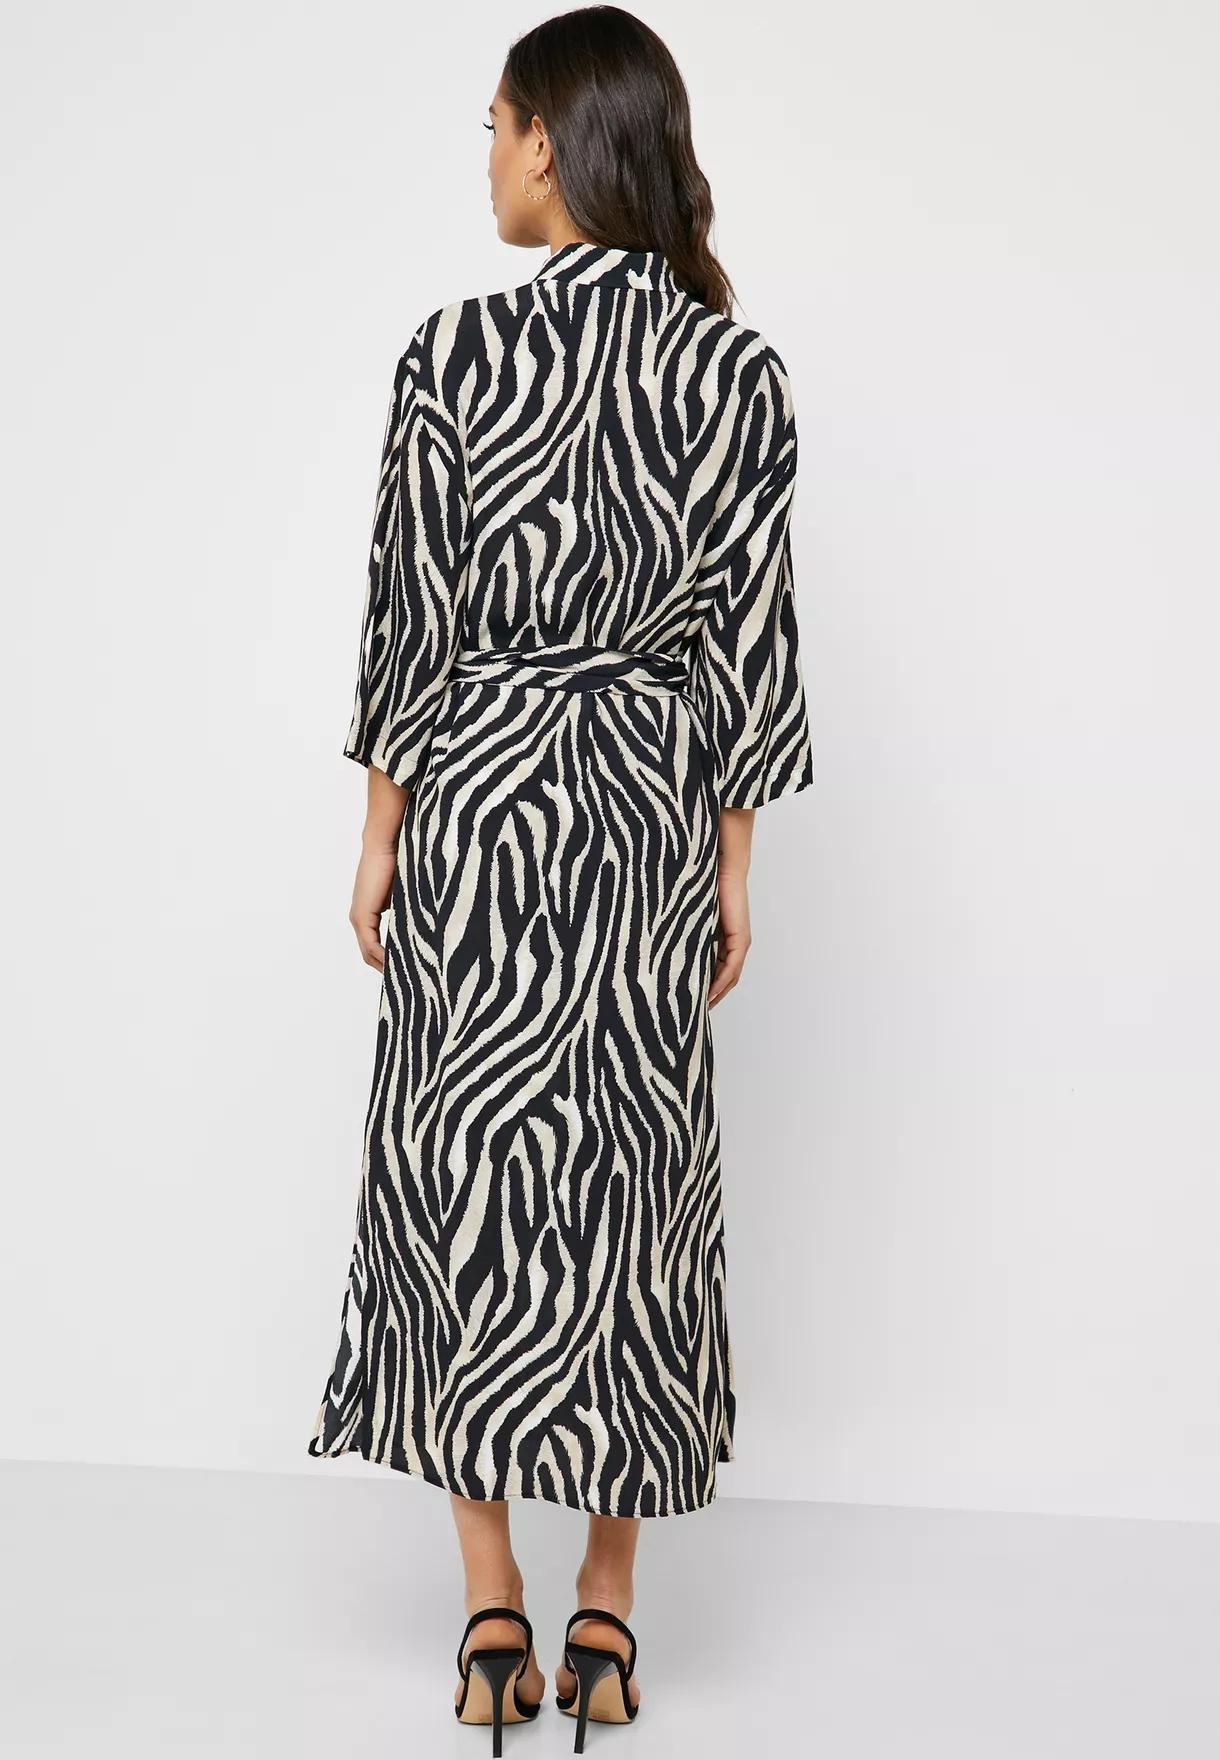 2019 Musim Gugur Pakaian Menengah dan Panjang Lengan Zebra Dasi Grosir Maxi Dress Wanita